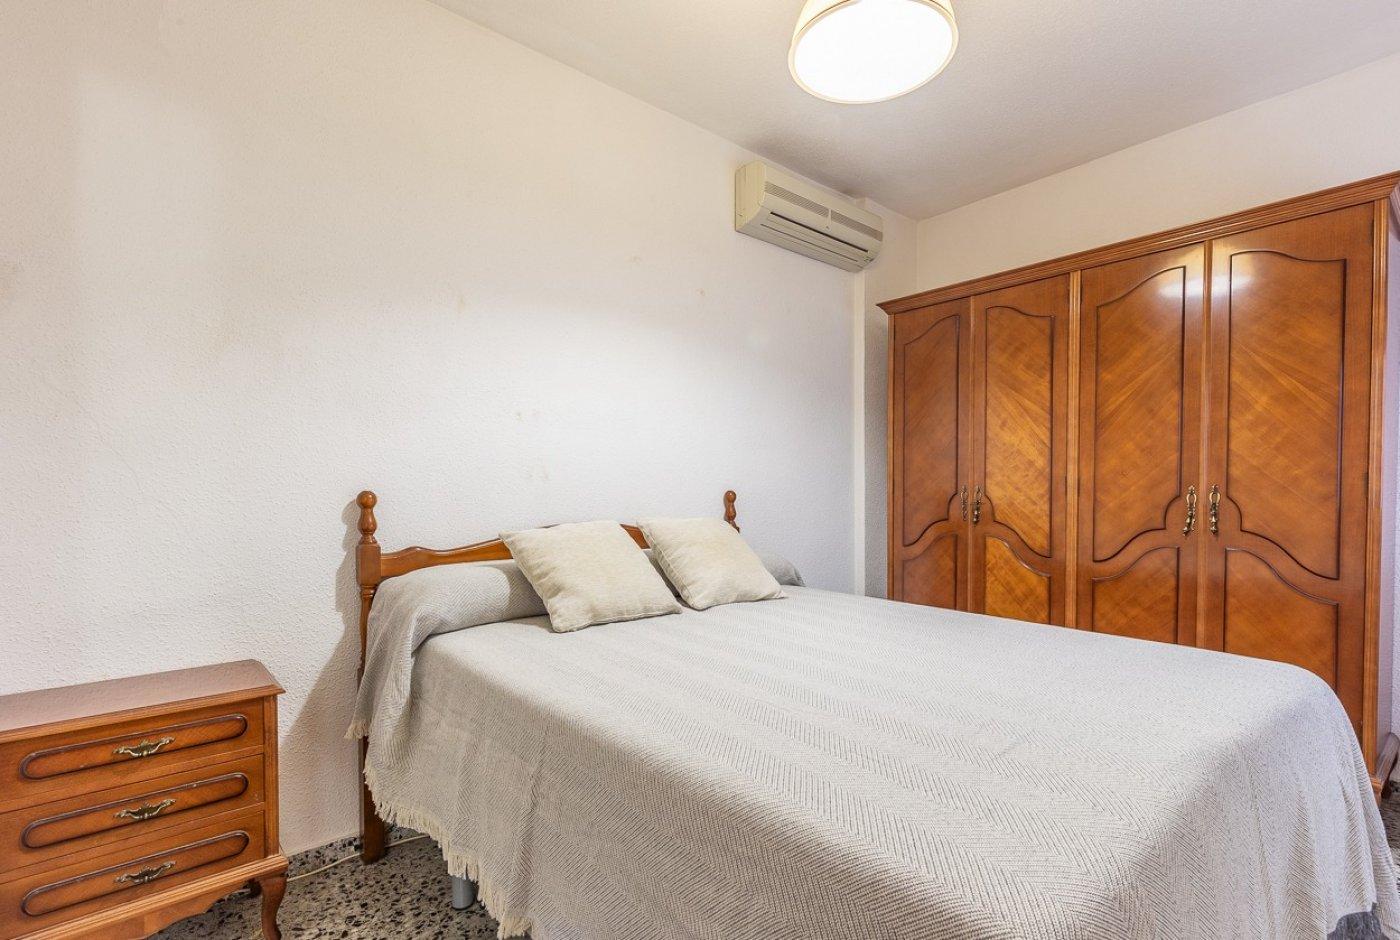 Piso de 2 dormitorios (3 de origen), en pleno centro de Benidorm. A 500 metros de la playa. 1